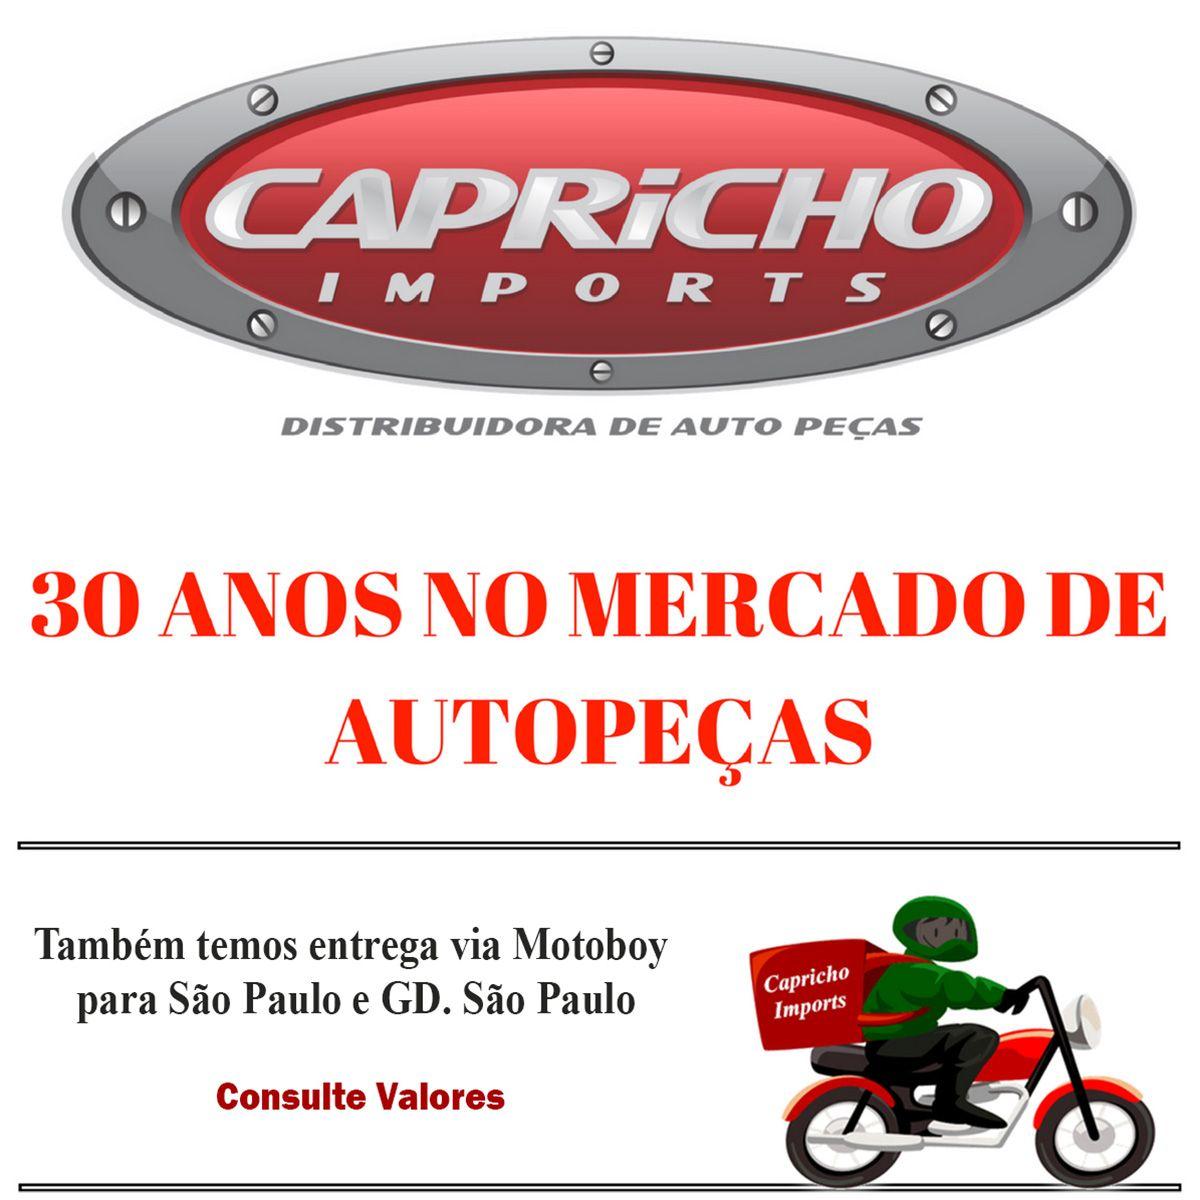 Conjunto Trizeta e Tulipa - Homocinética - Toyota Corolla / Fileder 2003 - 2008